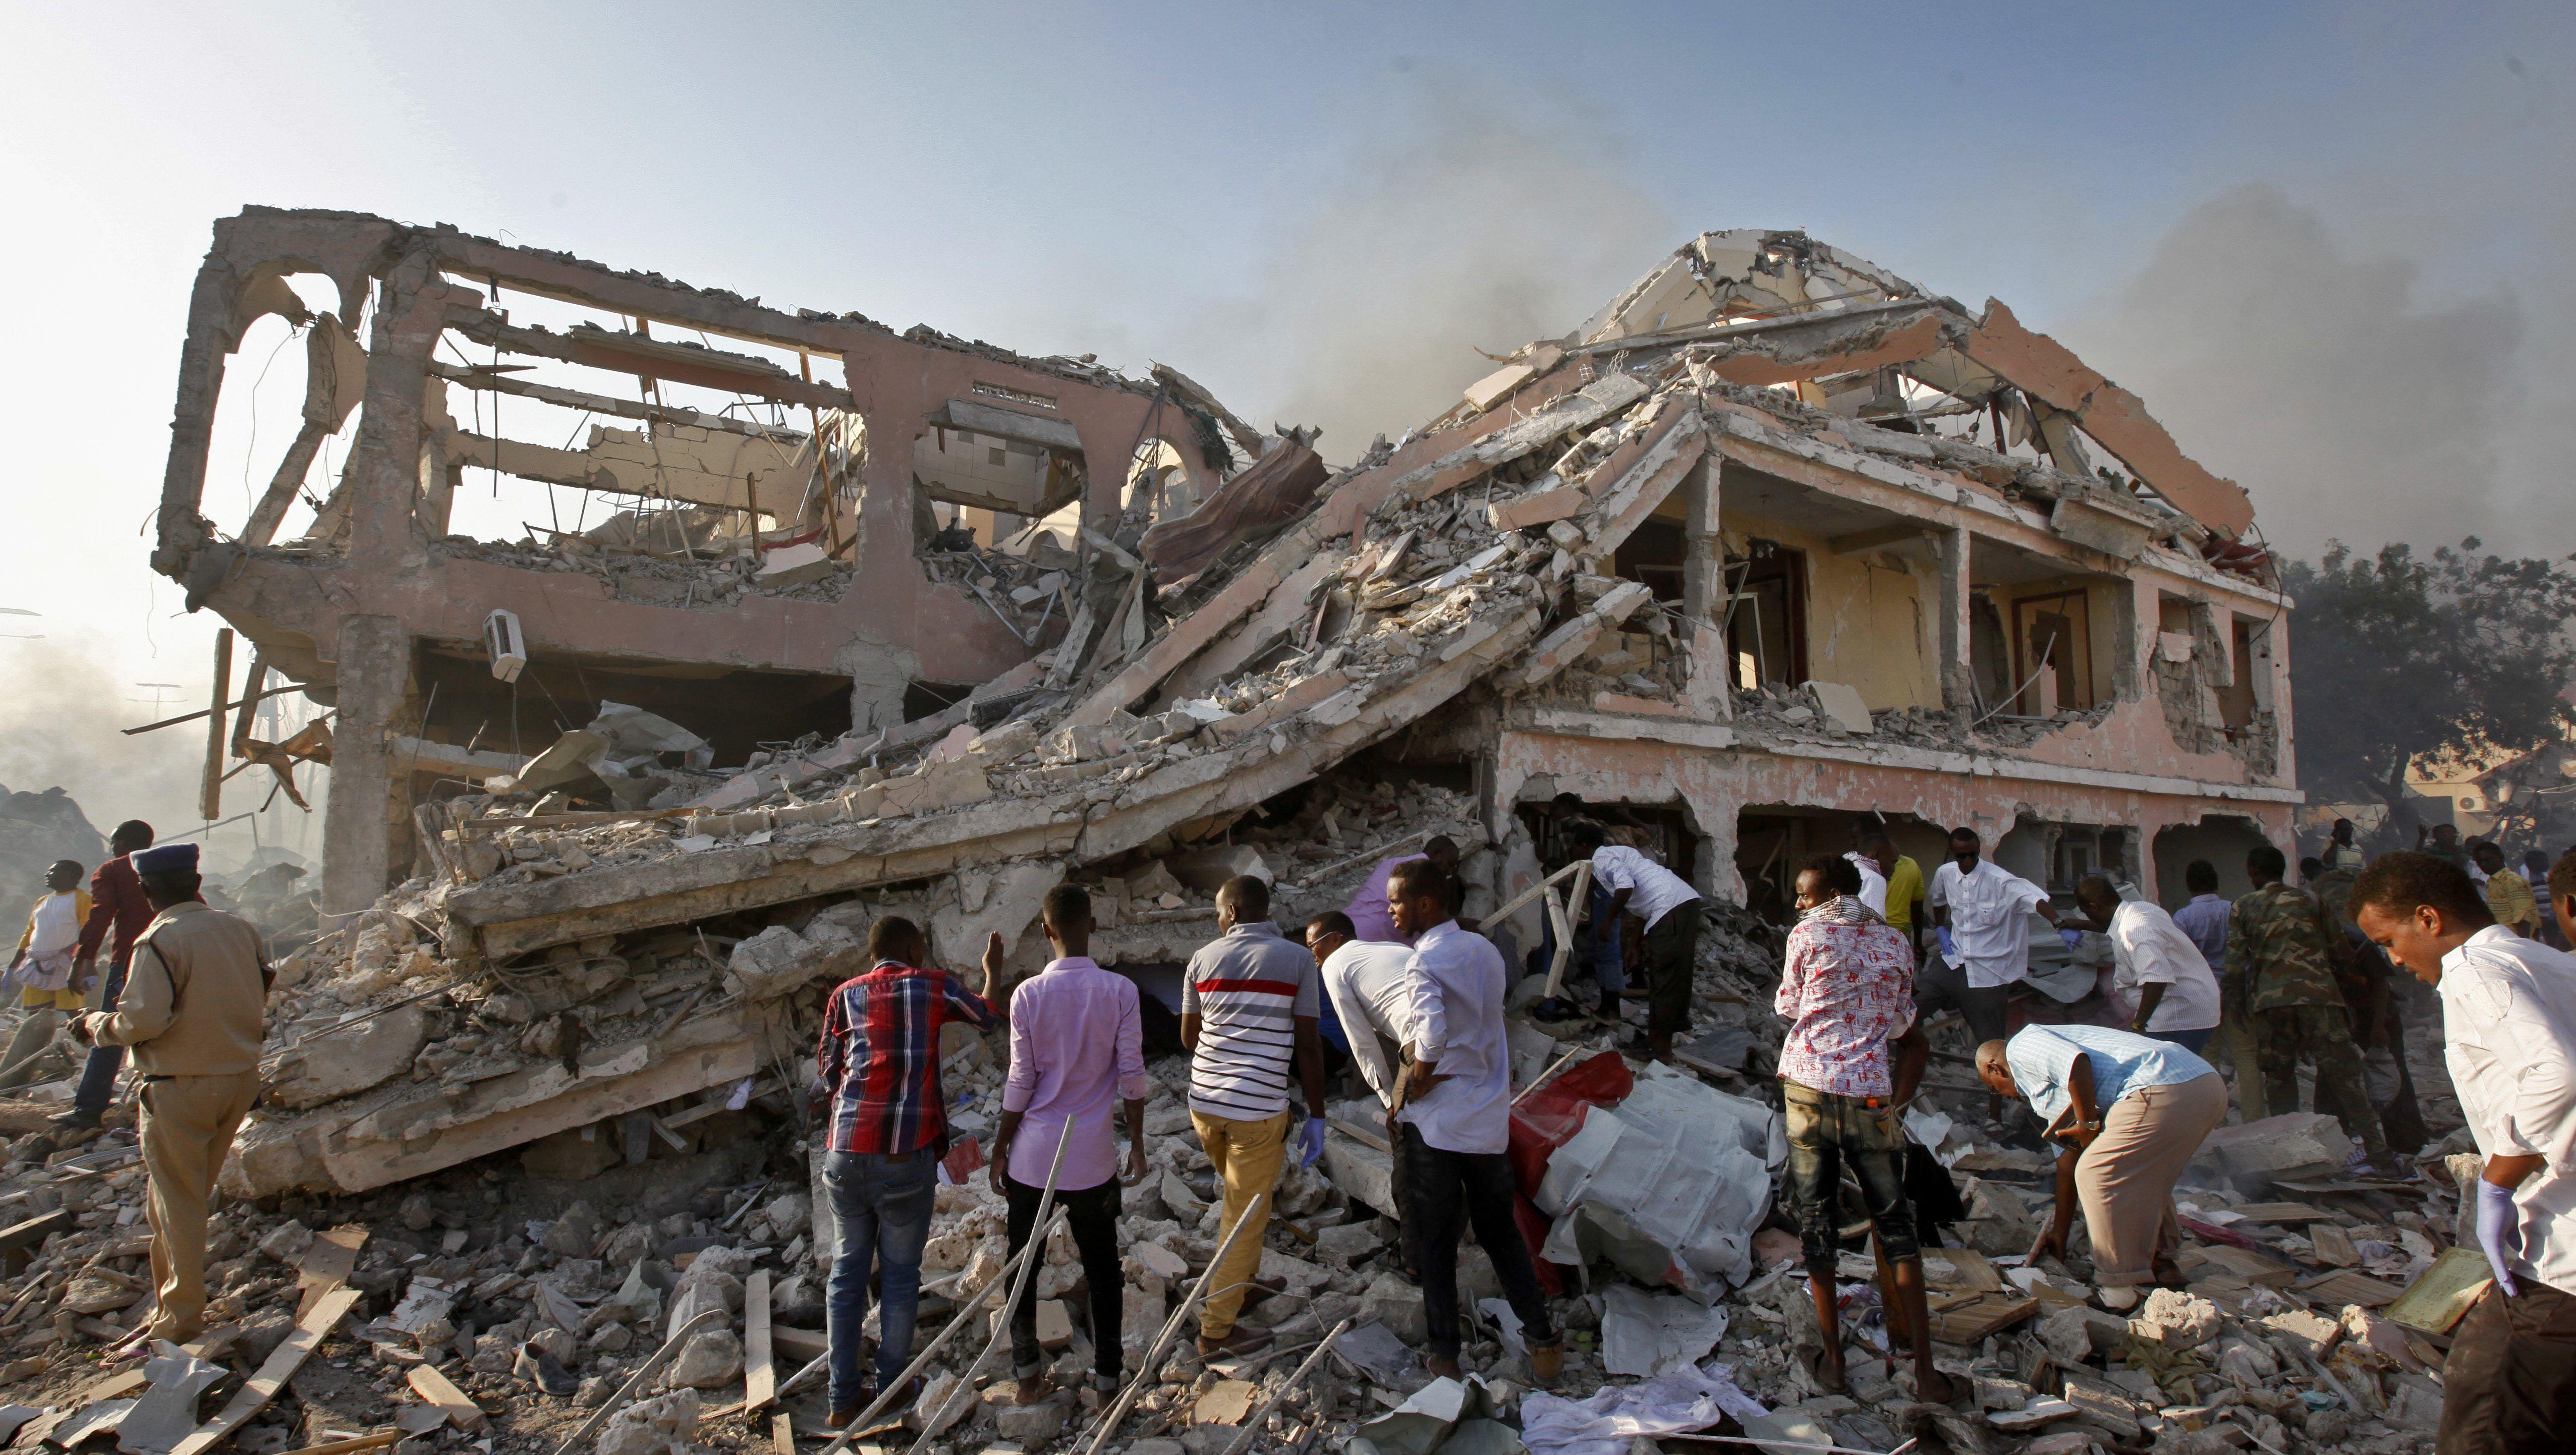 Somali'deki saldırıda ölü sayısı 350'yi aştı